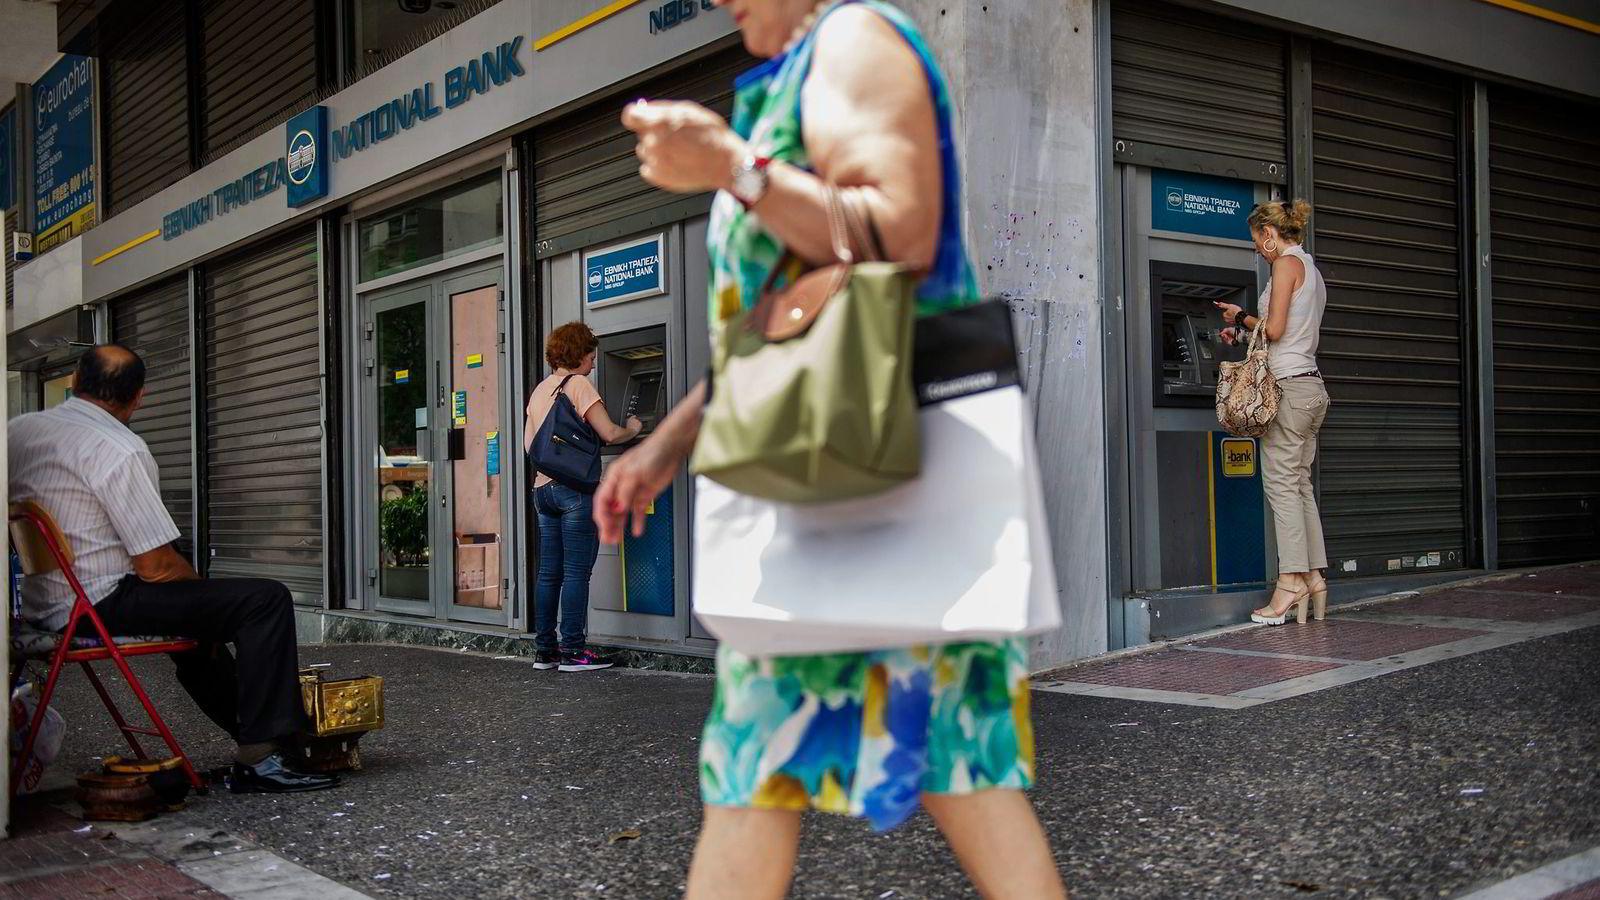 Få grekere sto i kø for å ta ut penger i Aten tirsdag. – Folk har vel ikke mer penger å ta ut etter dager med panikktilstander, sier Artemios Charalimpius tørt.